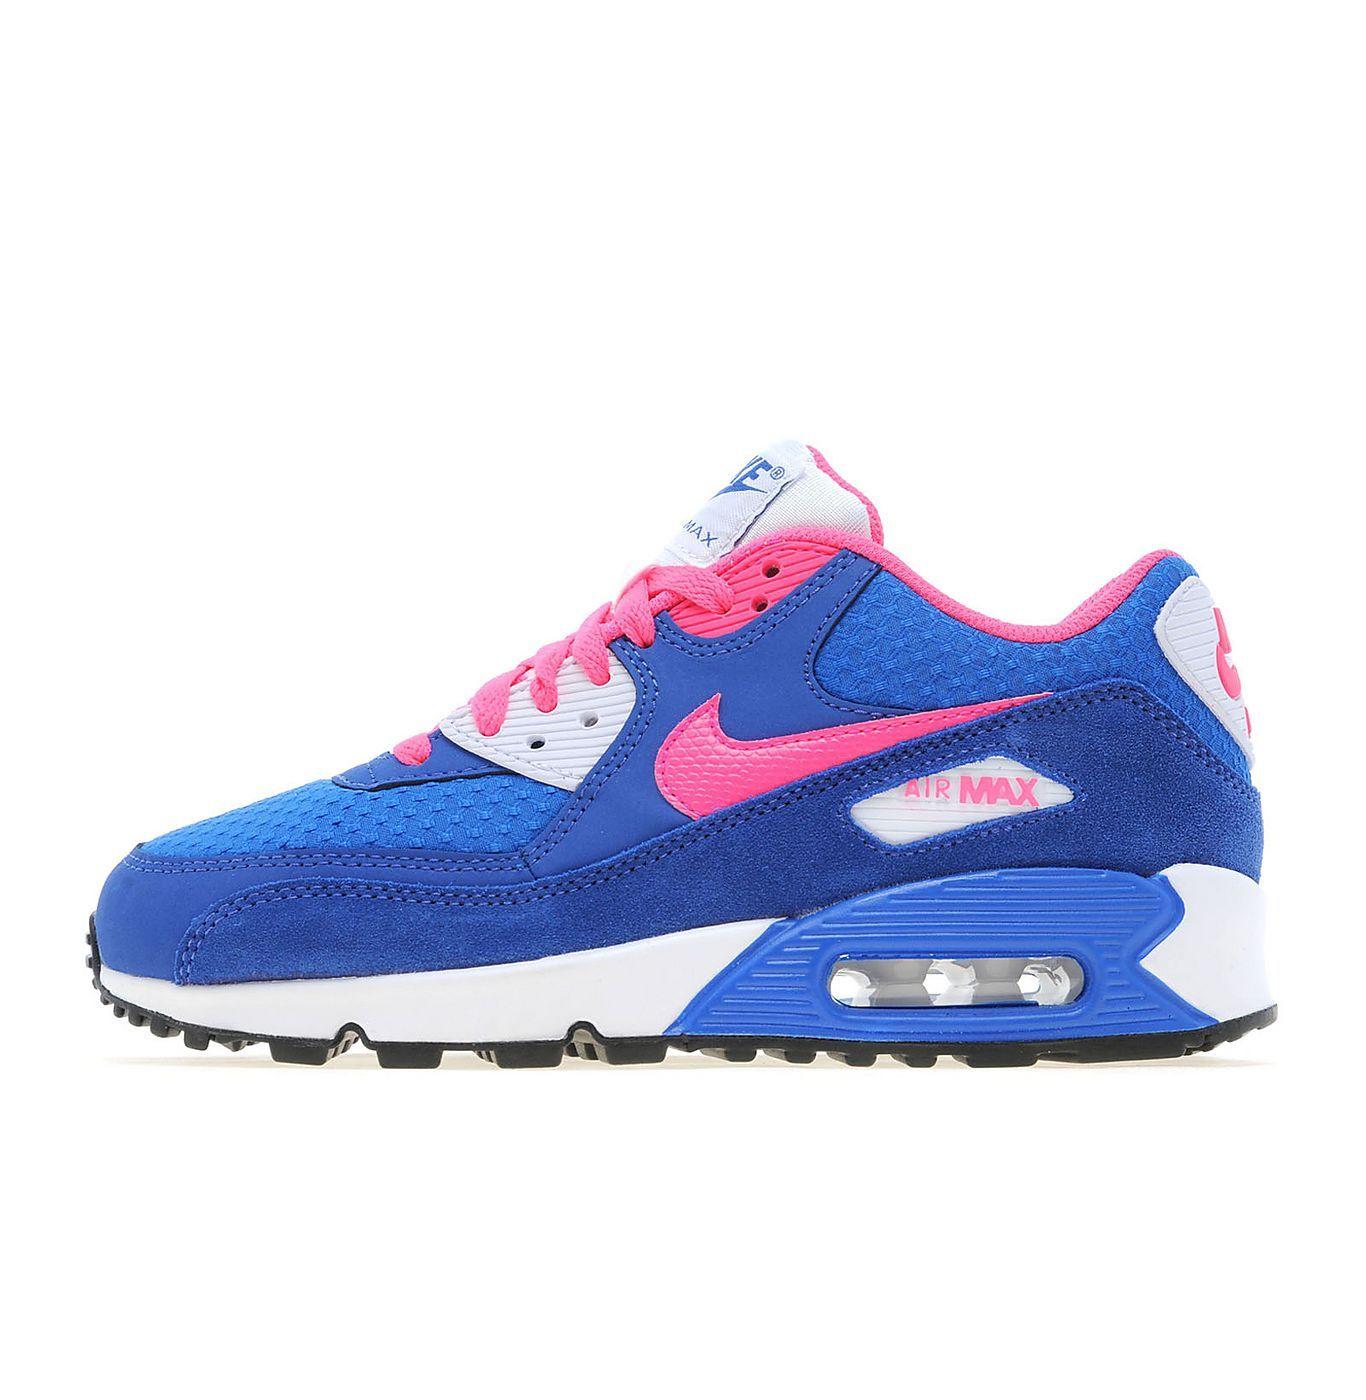 Damen Nike Air Max 1 Blau Weiß Artisan Teal Online